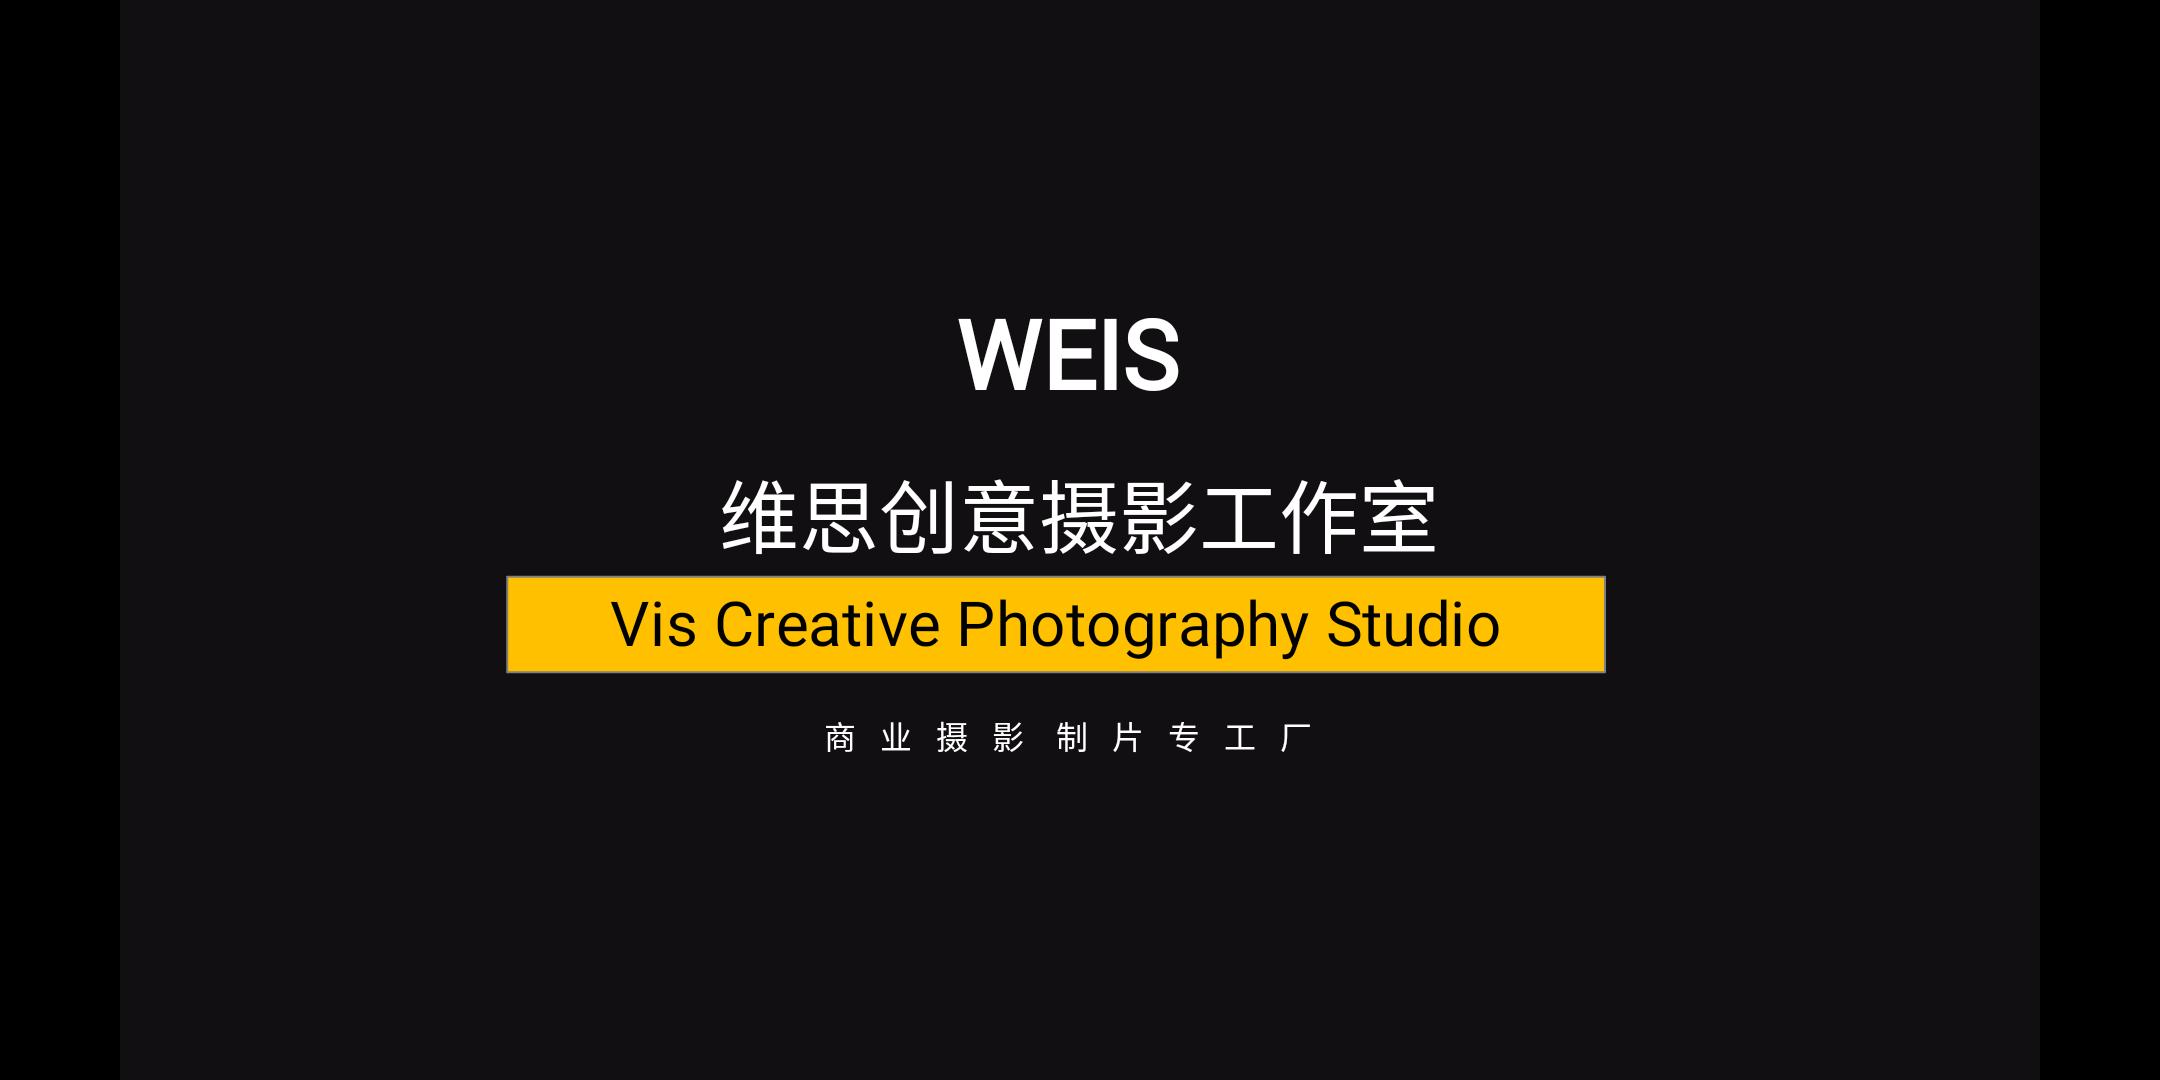 富宁创意摄影工作室;